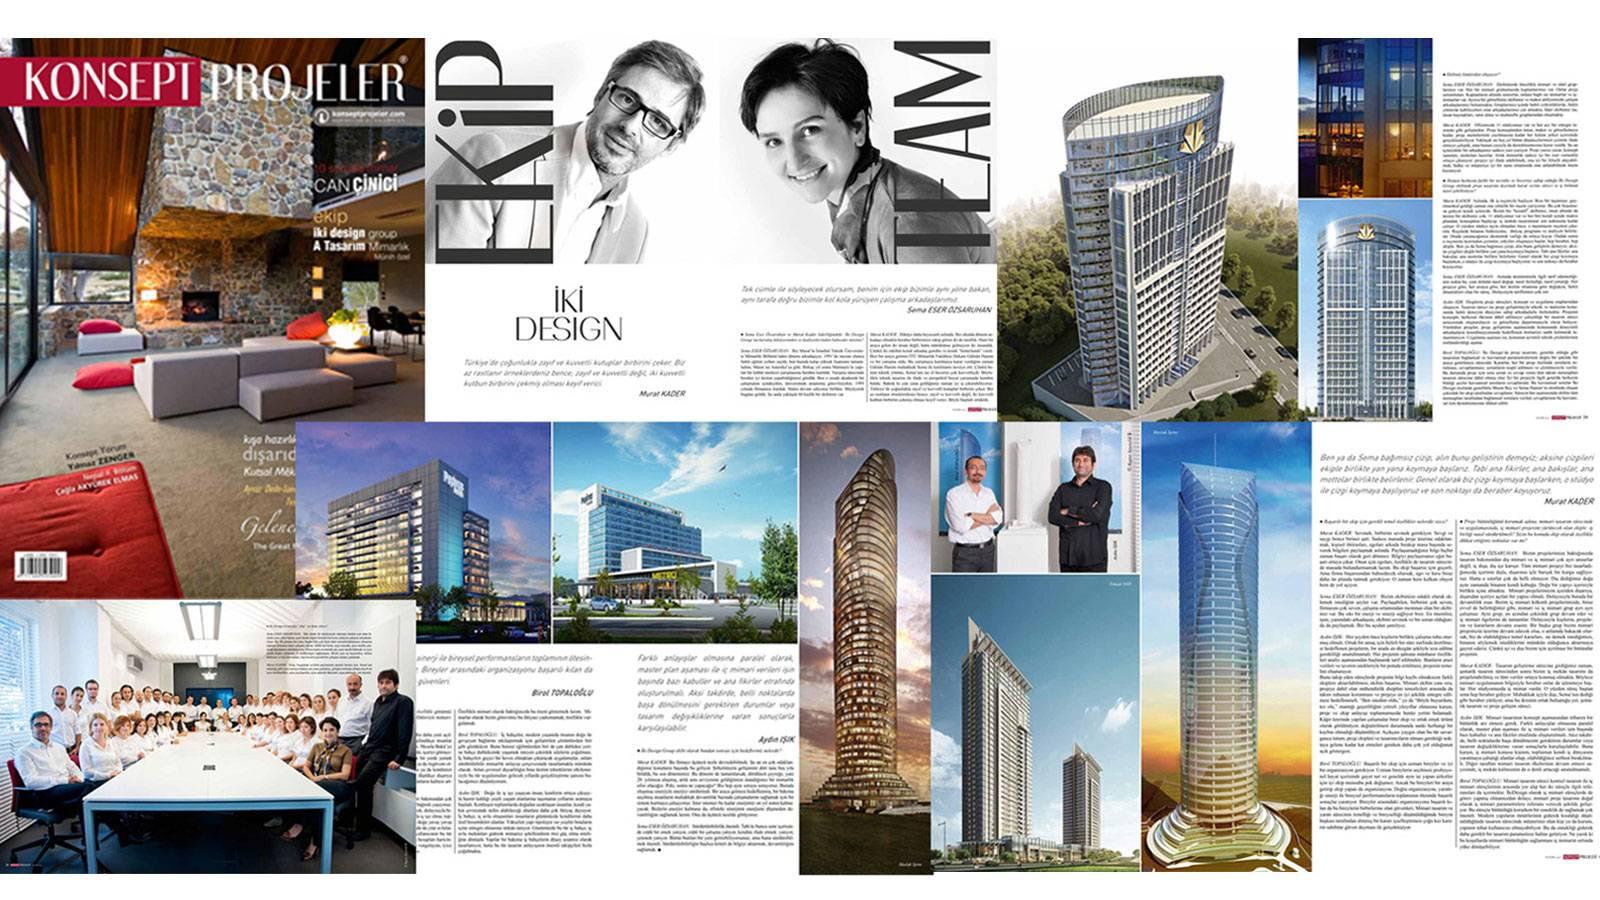 01.11.2012 - iki design group Konsept Projeler